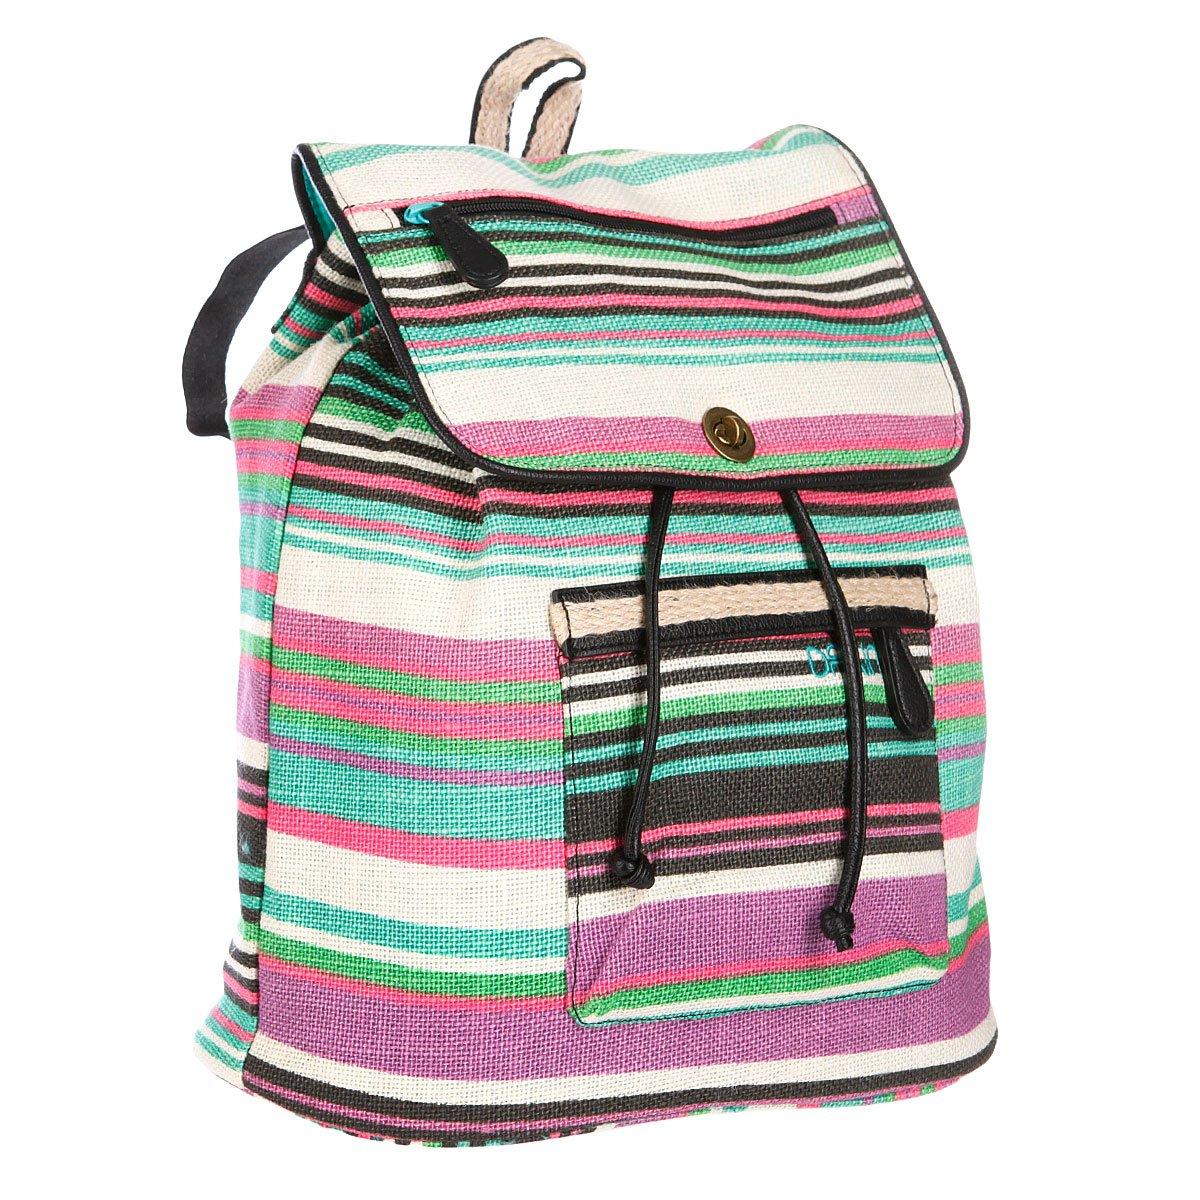 854cfbd1bd031 Купить рюкзак городской женский Dakine Sophia 20l Avery в интернет ...